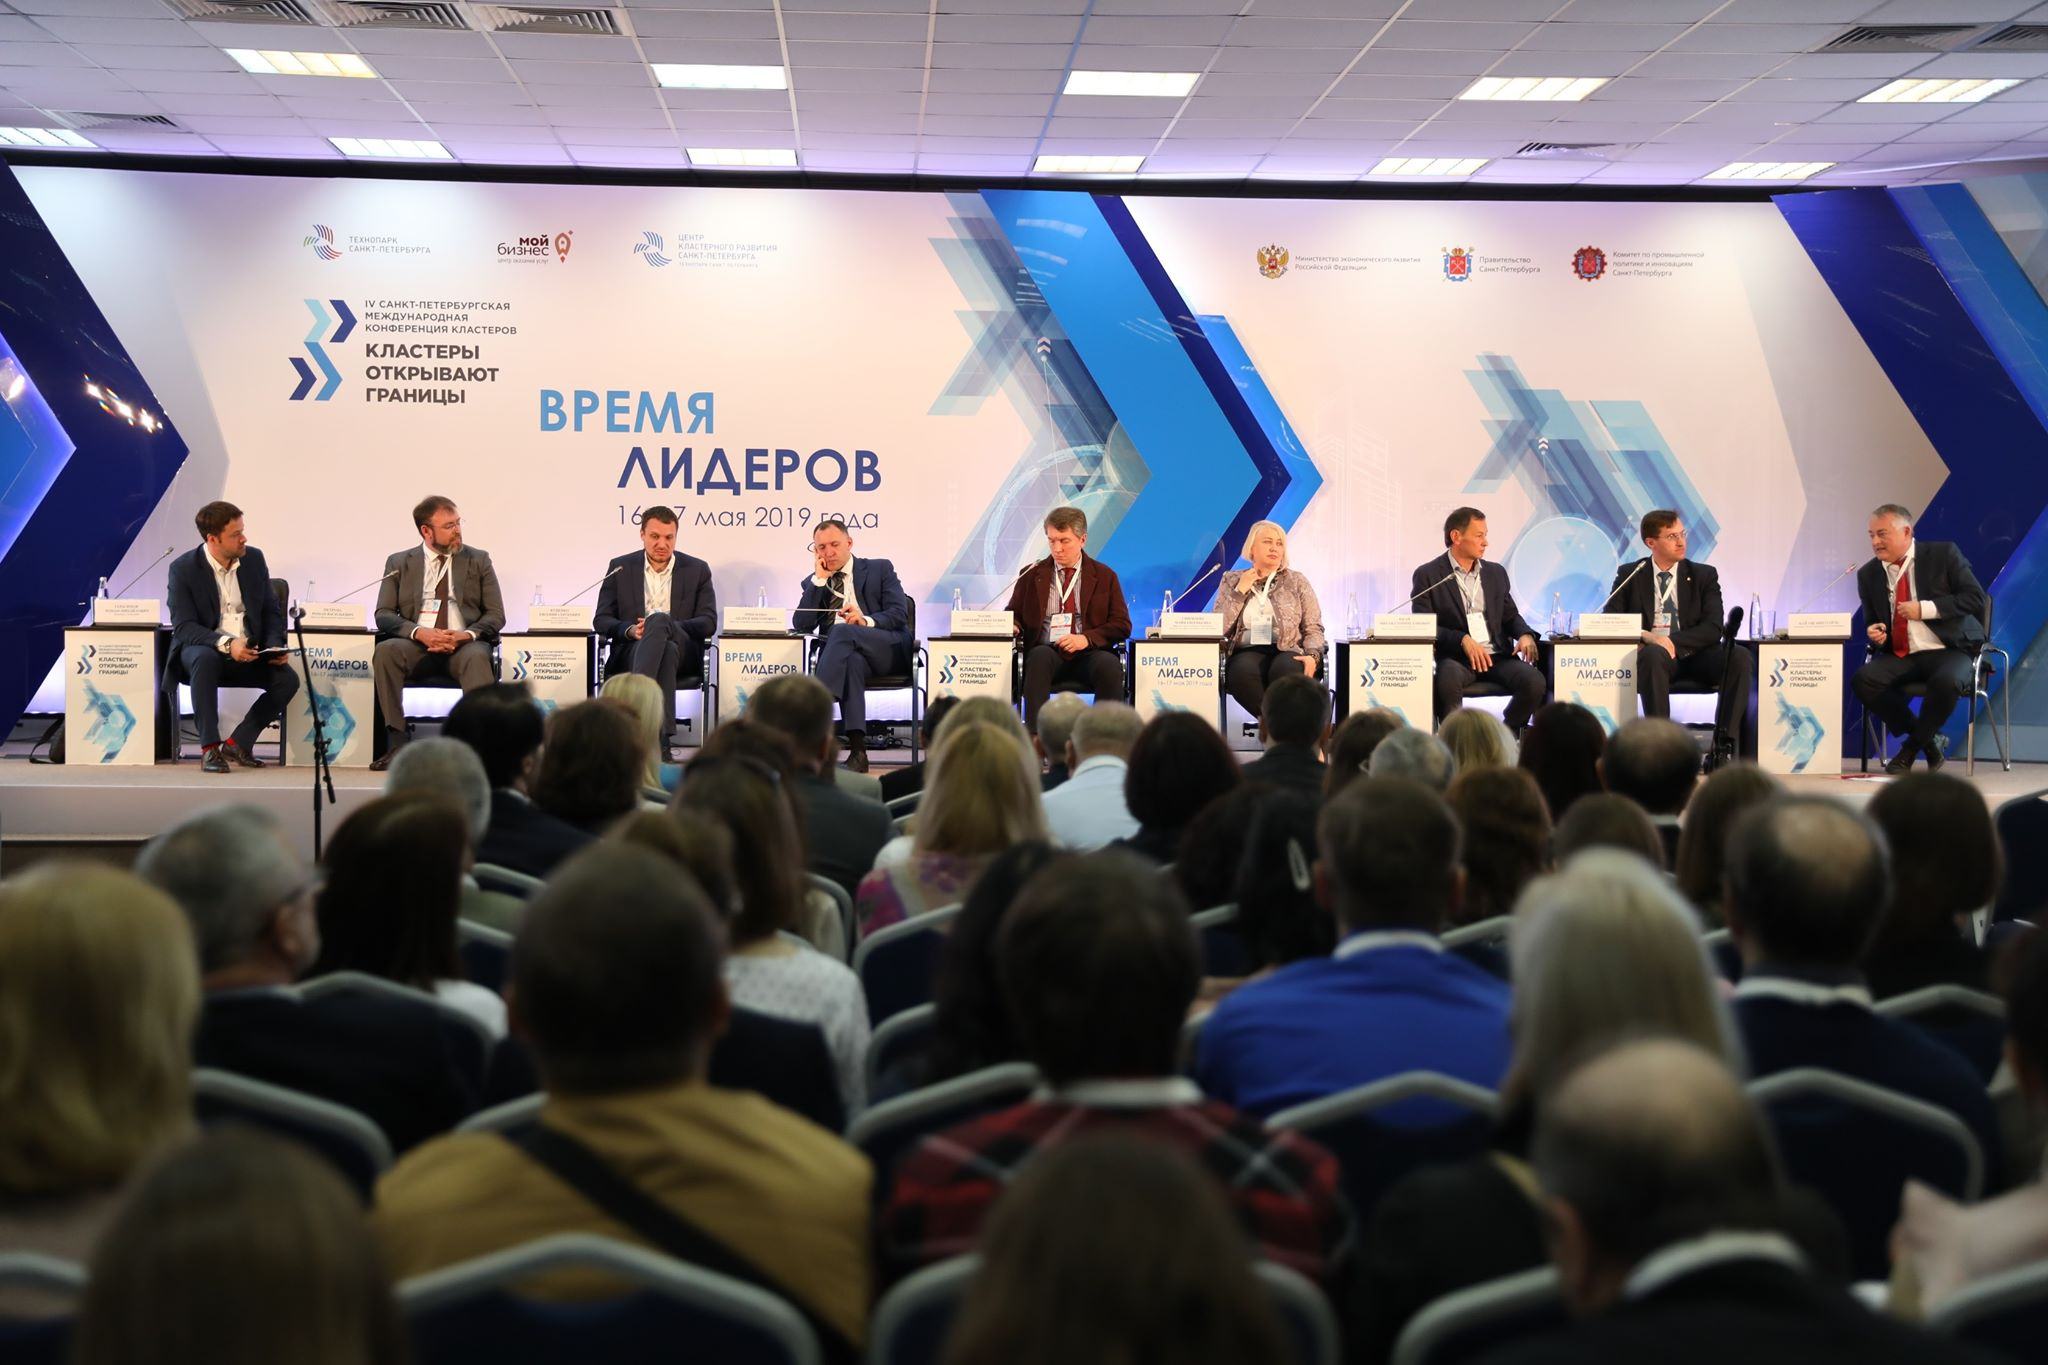 В Санкт-Петербурге состоялась ежегодная международная конференция кластеров